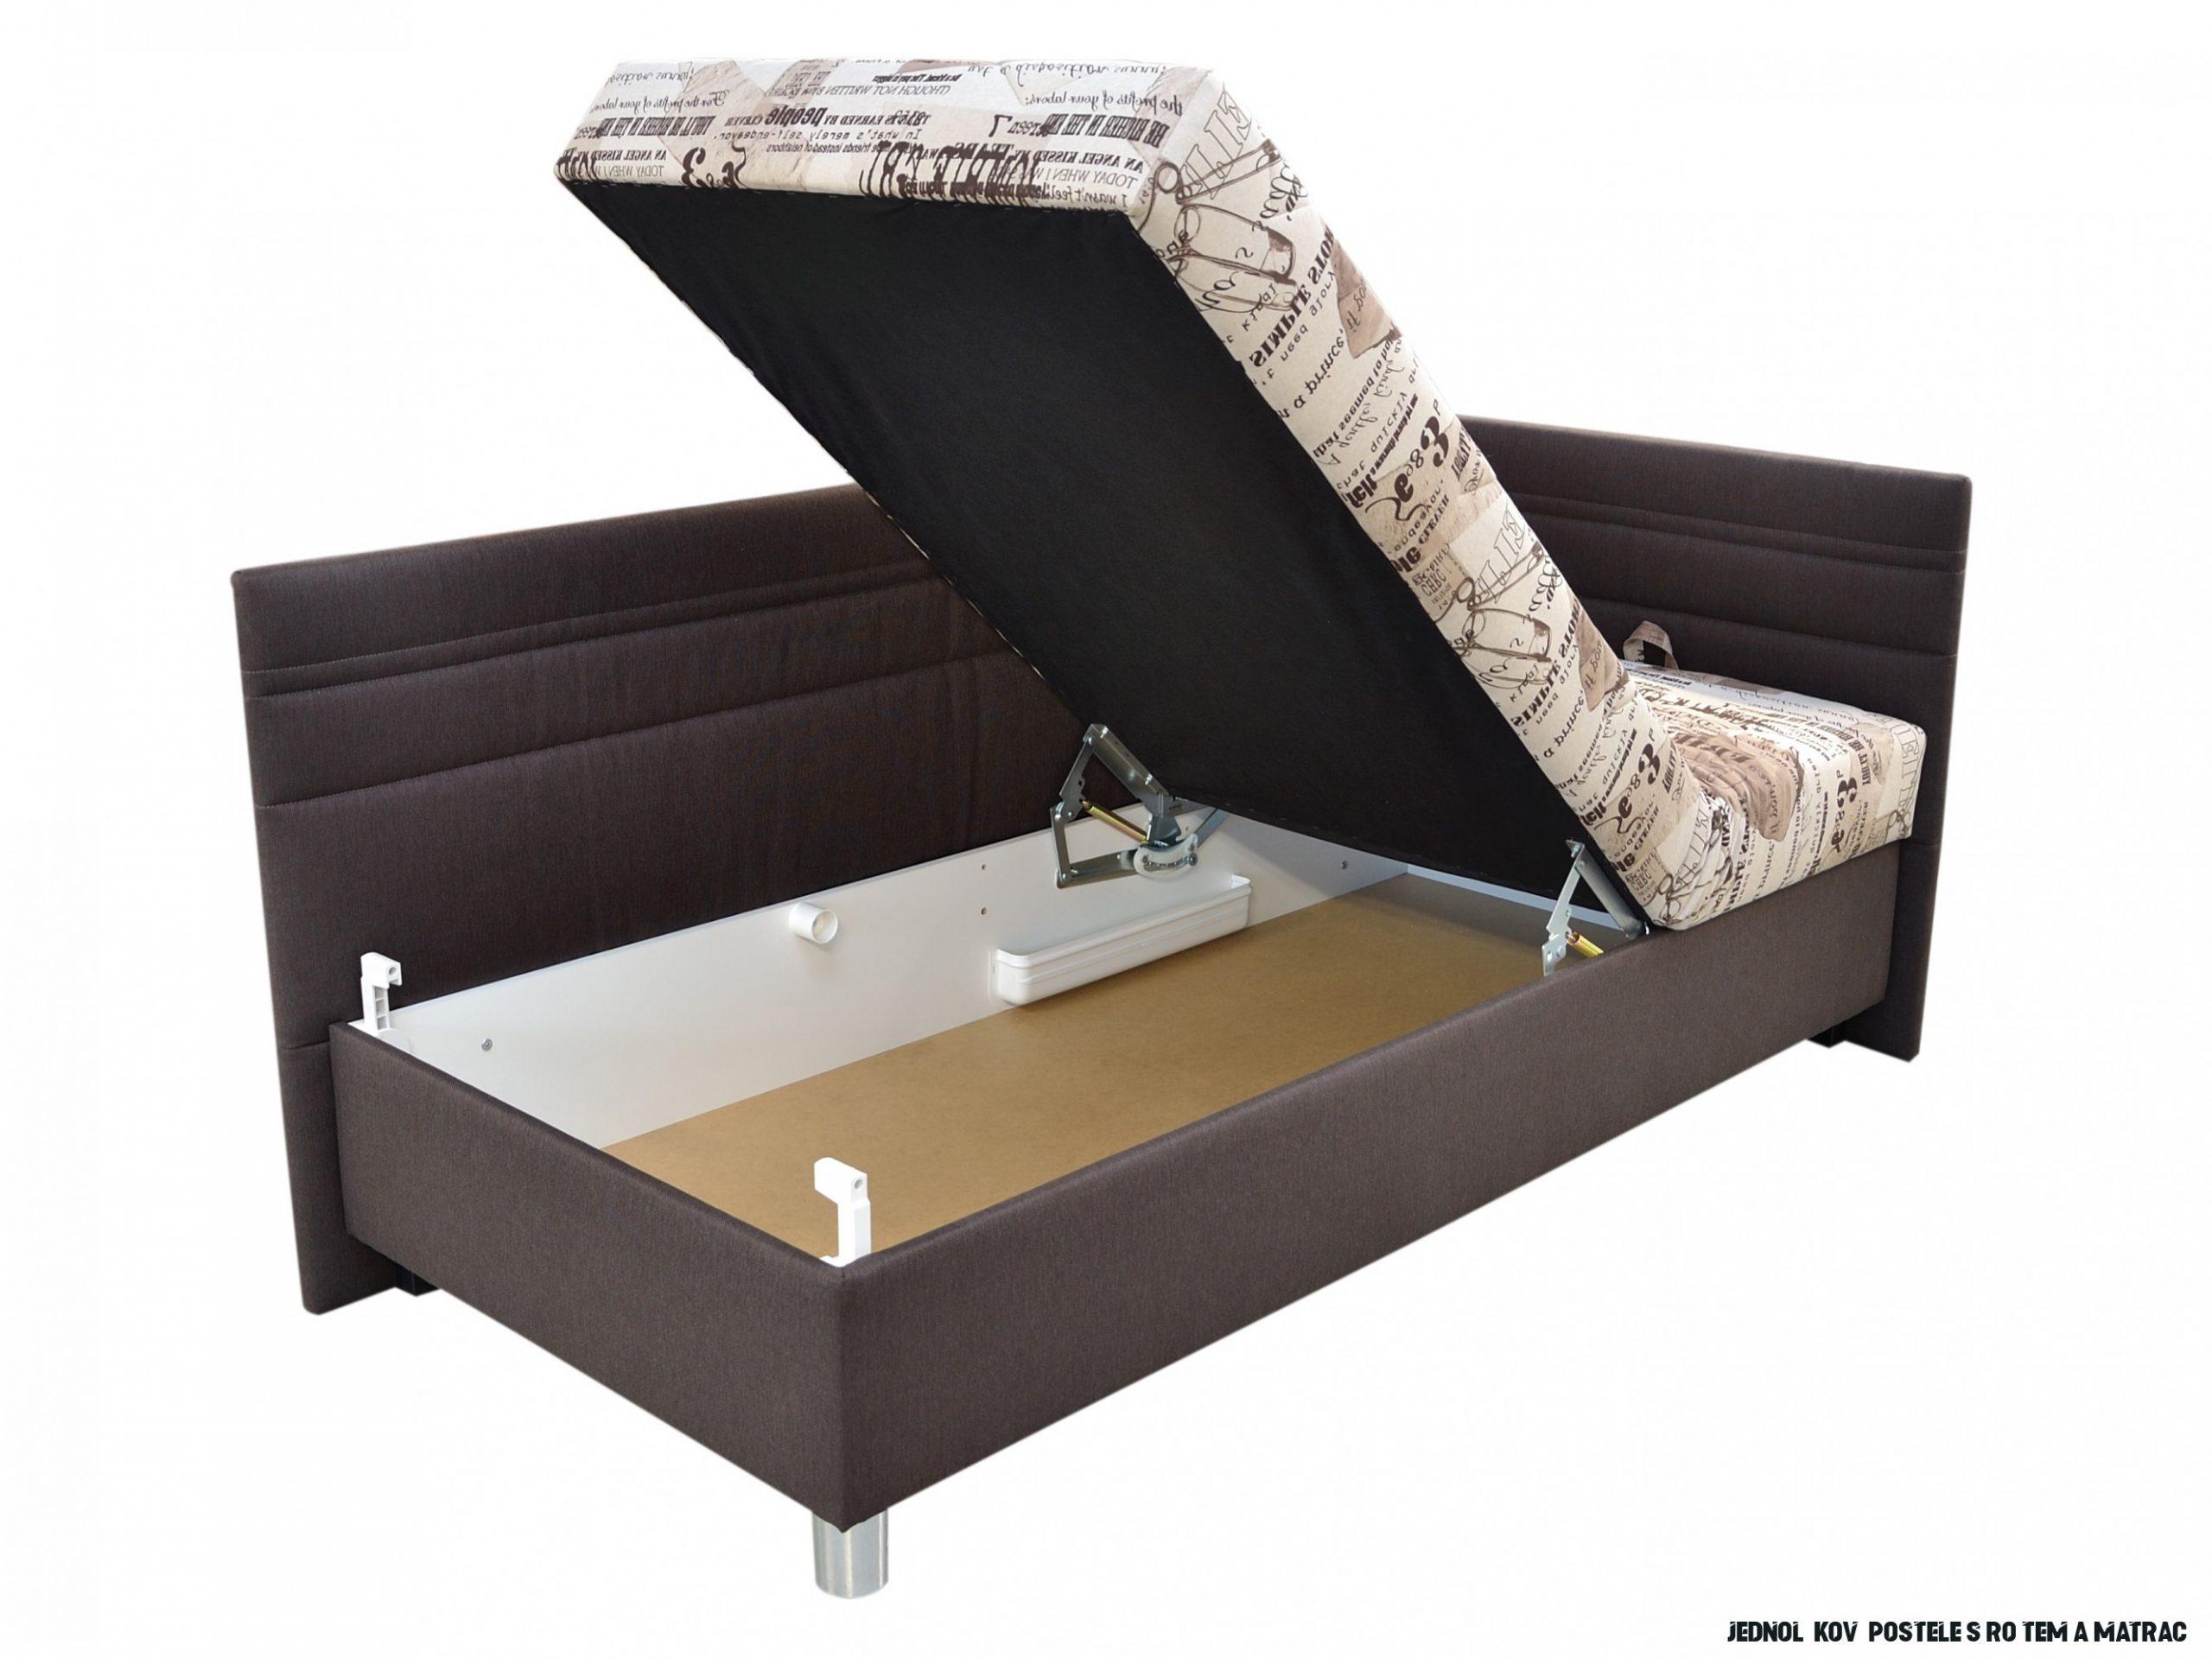 Jednolůžková postel 14 cm Blanář Polly (béžová + hnědá) (s roštem